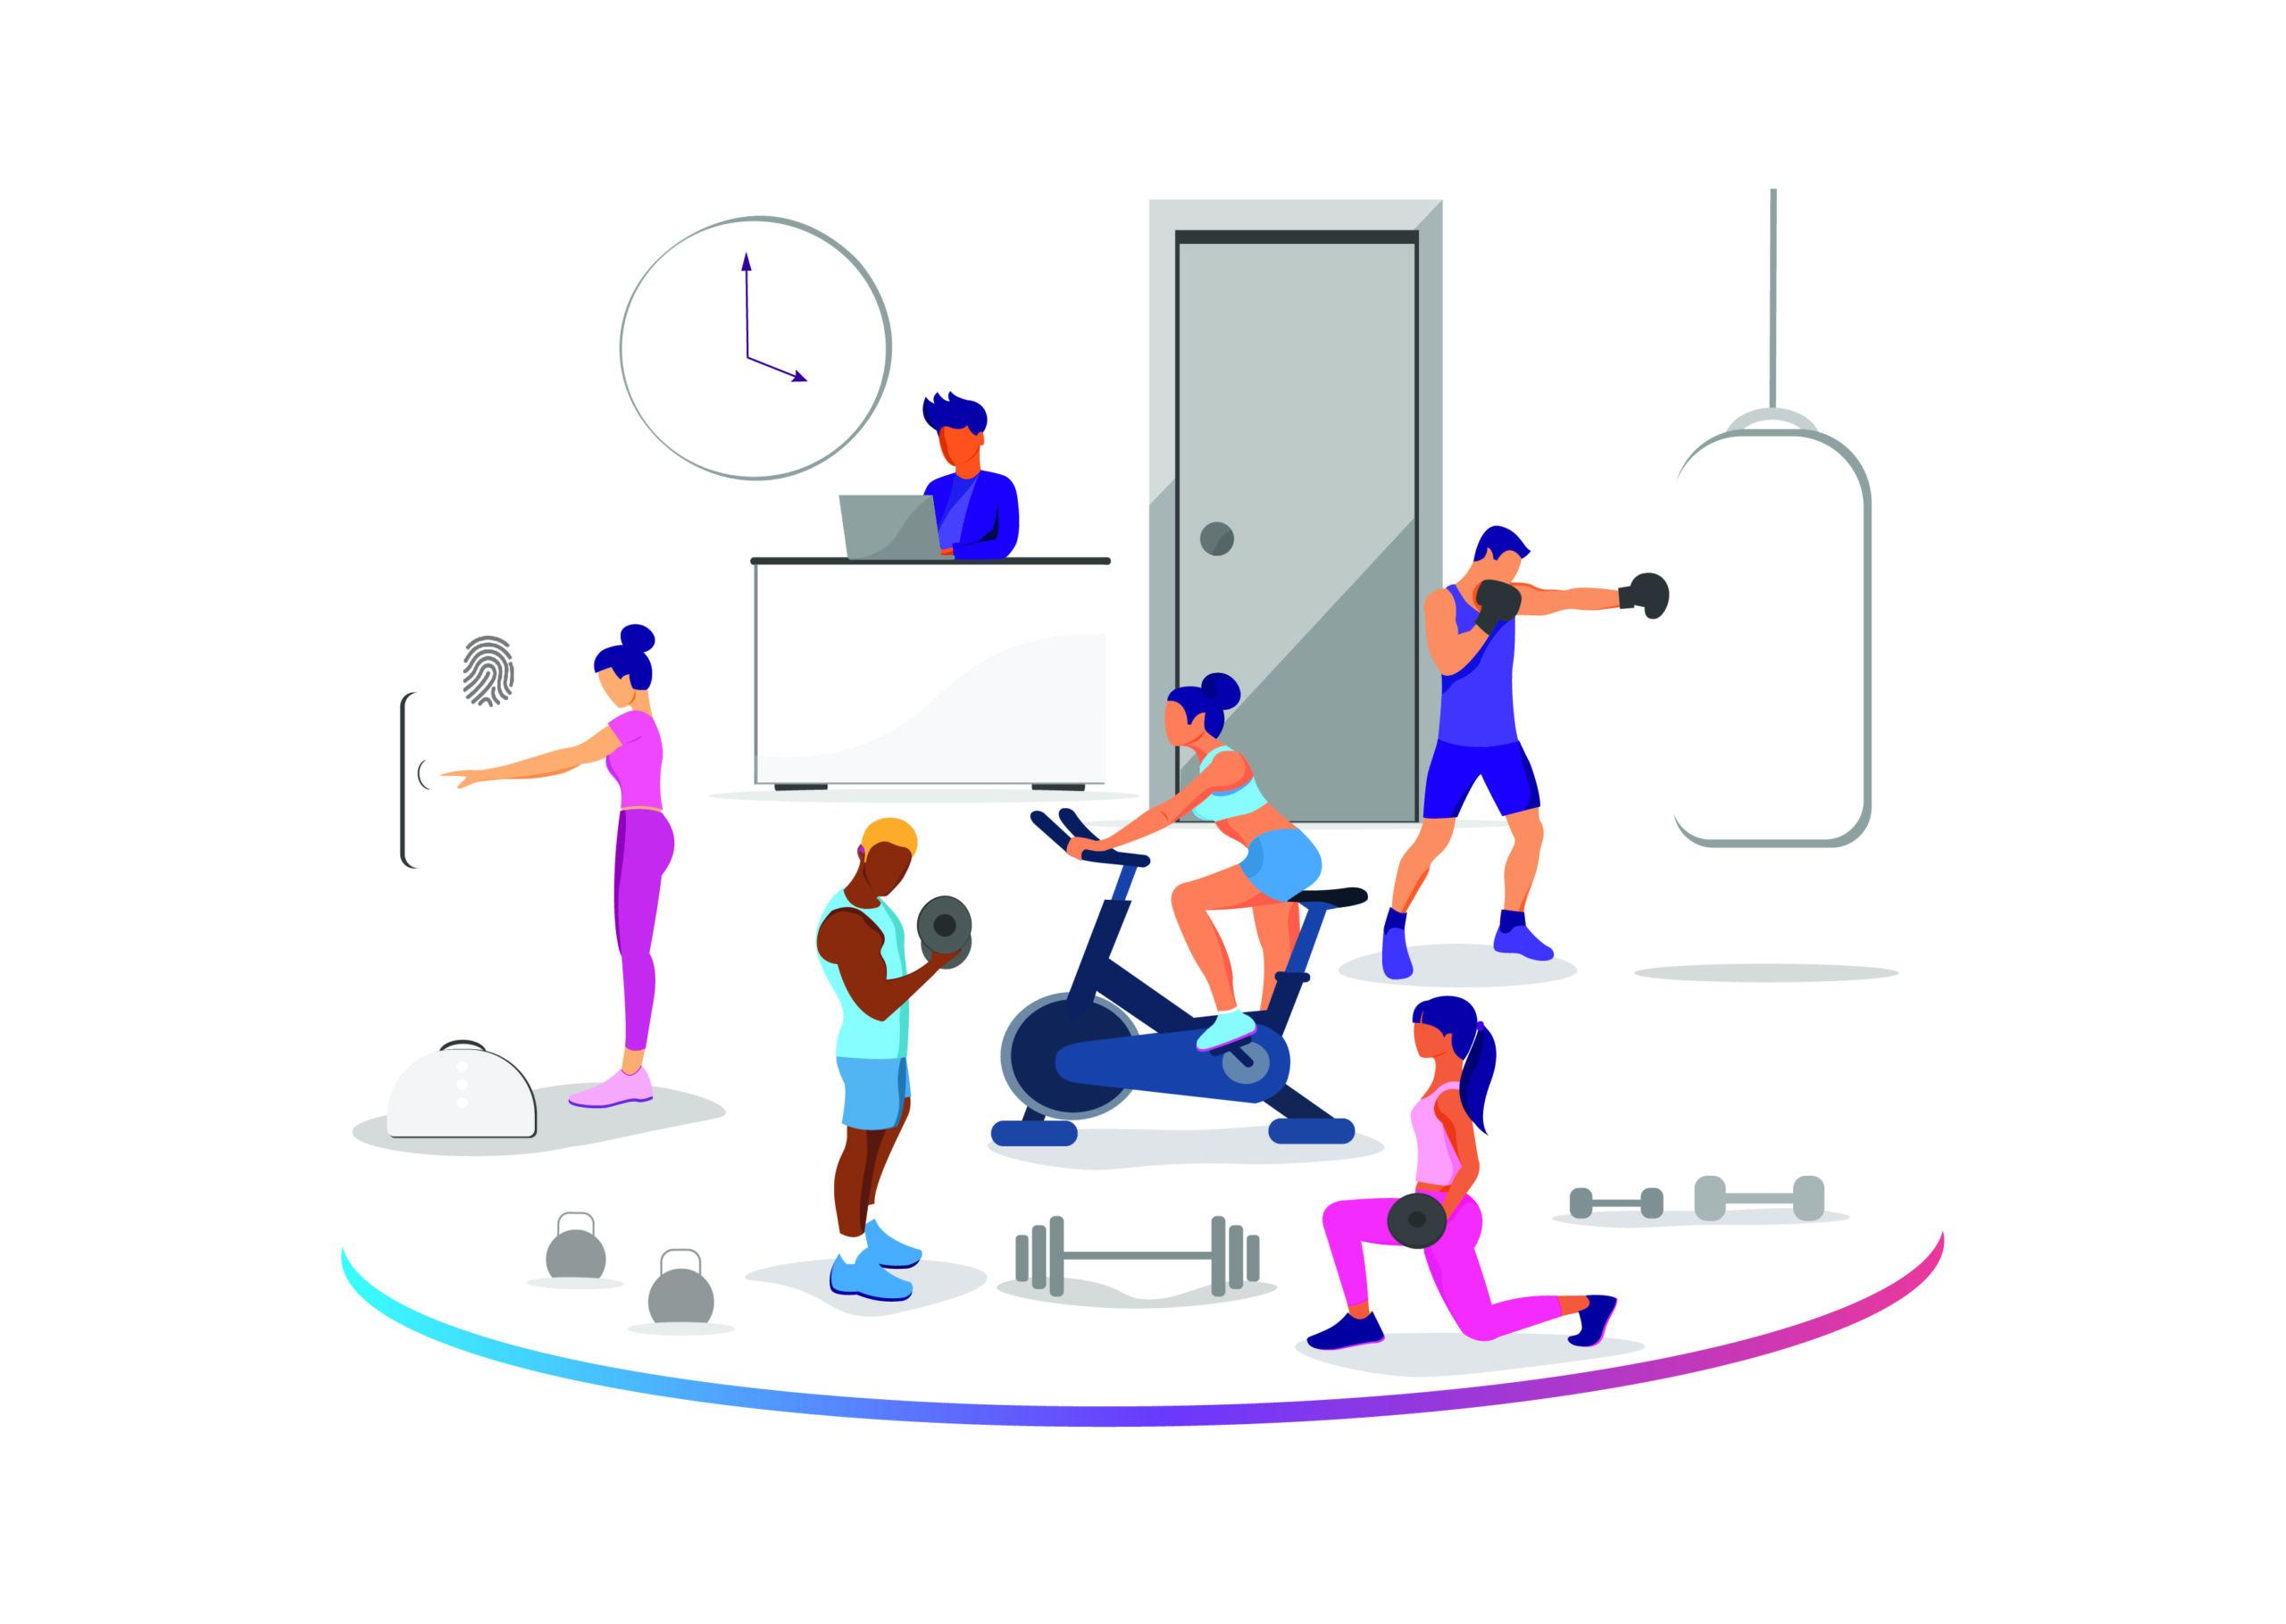 http://www.cipherlabz.com/project/i-gym/